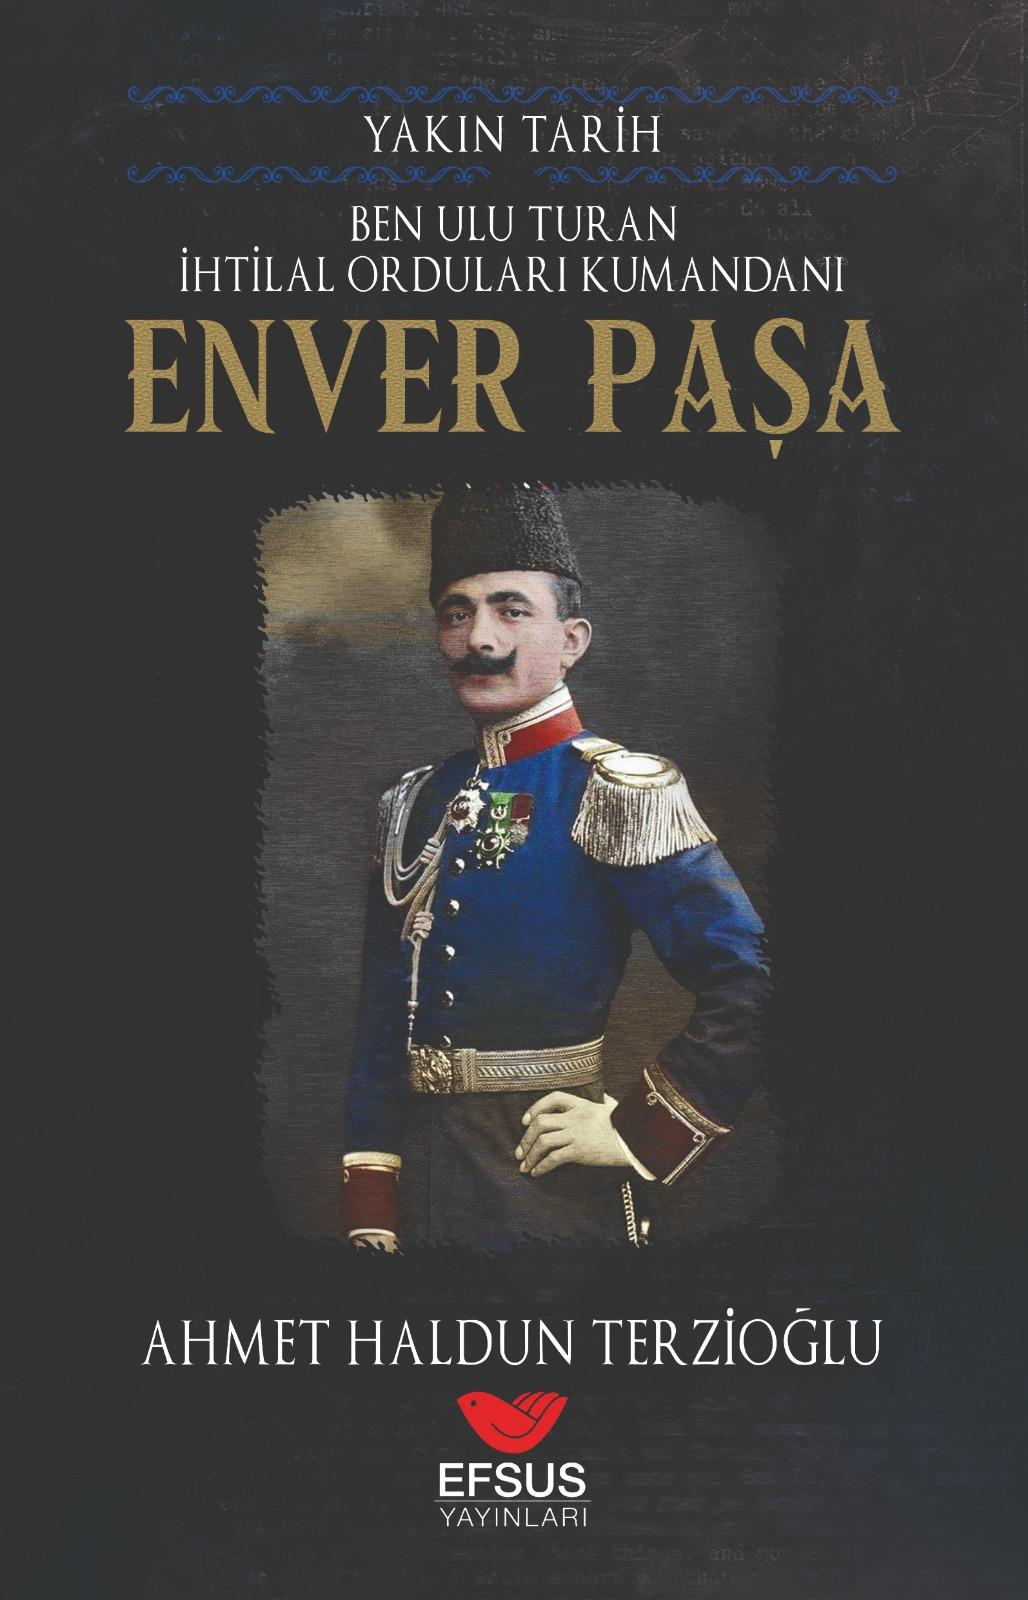 Yakın Tarih Enver Paşa